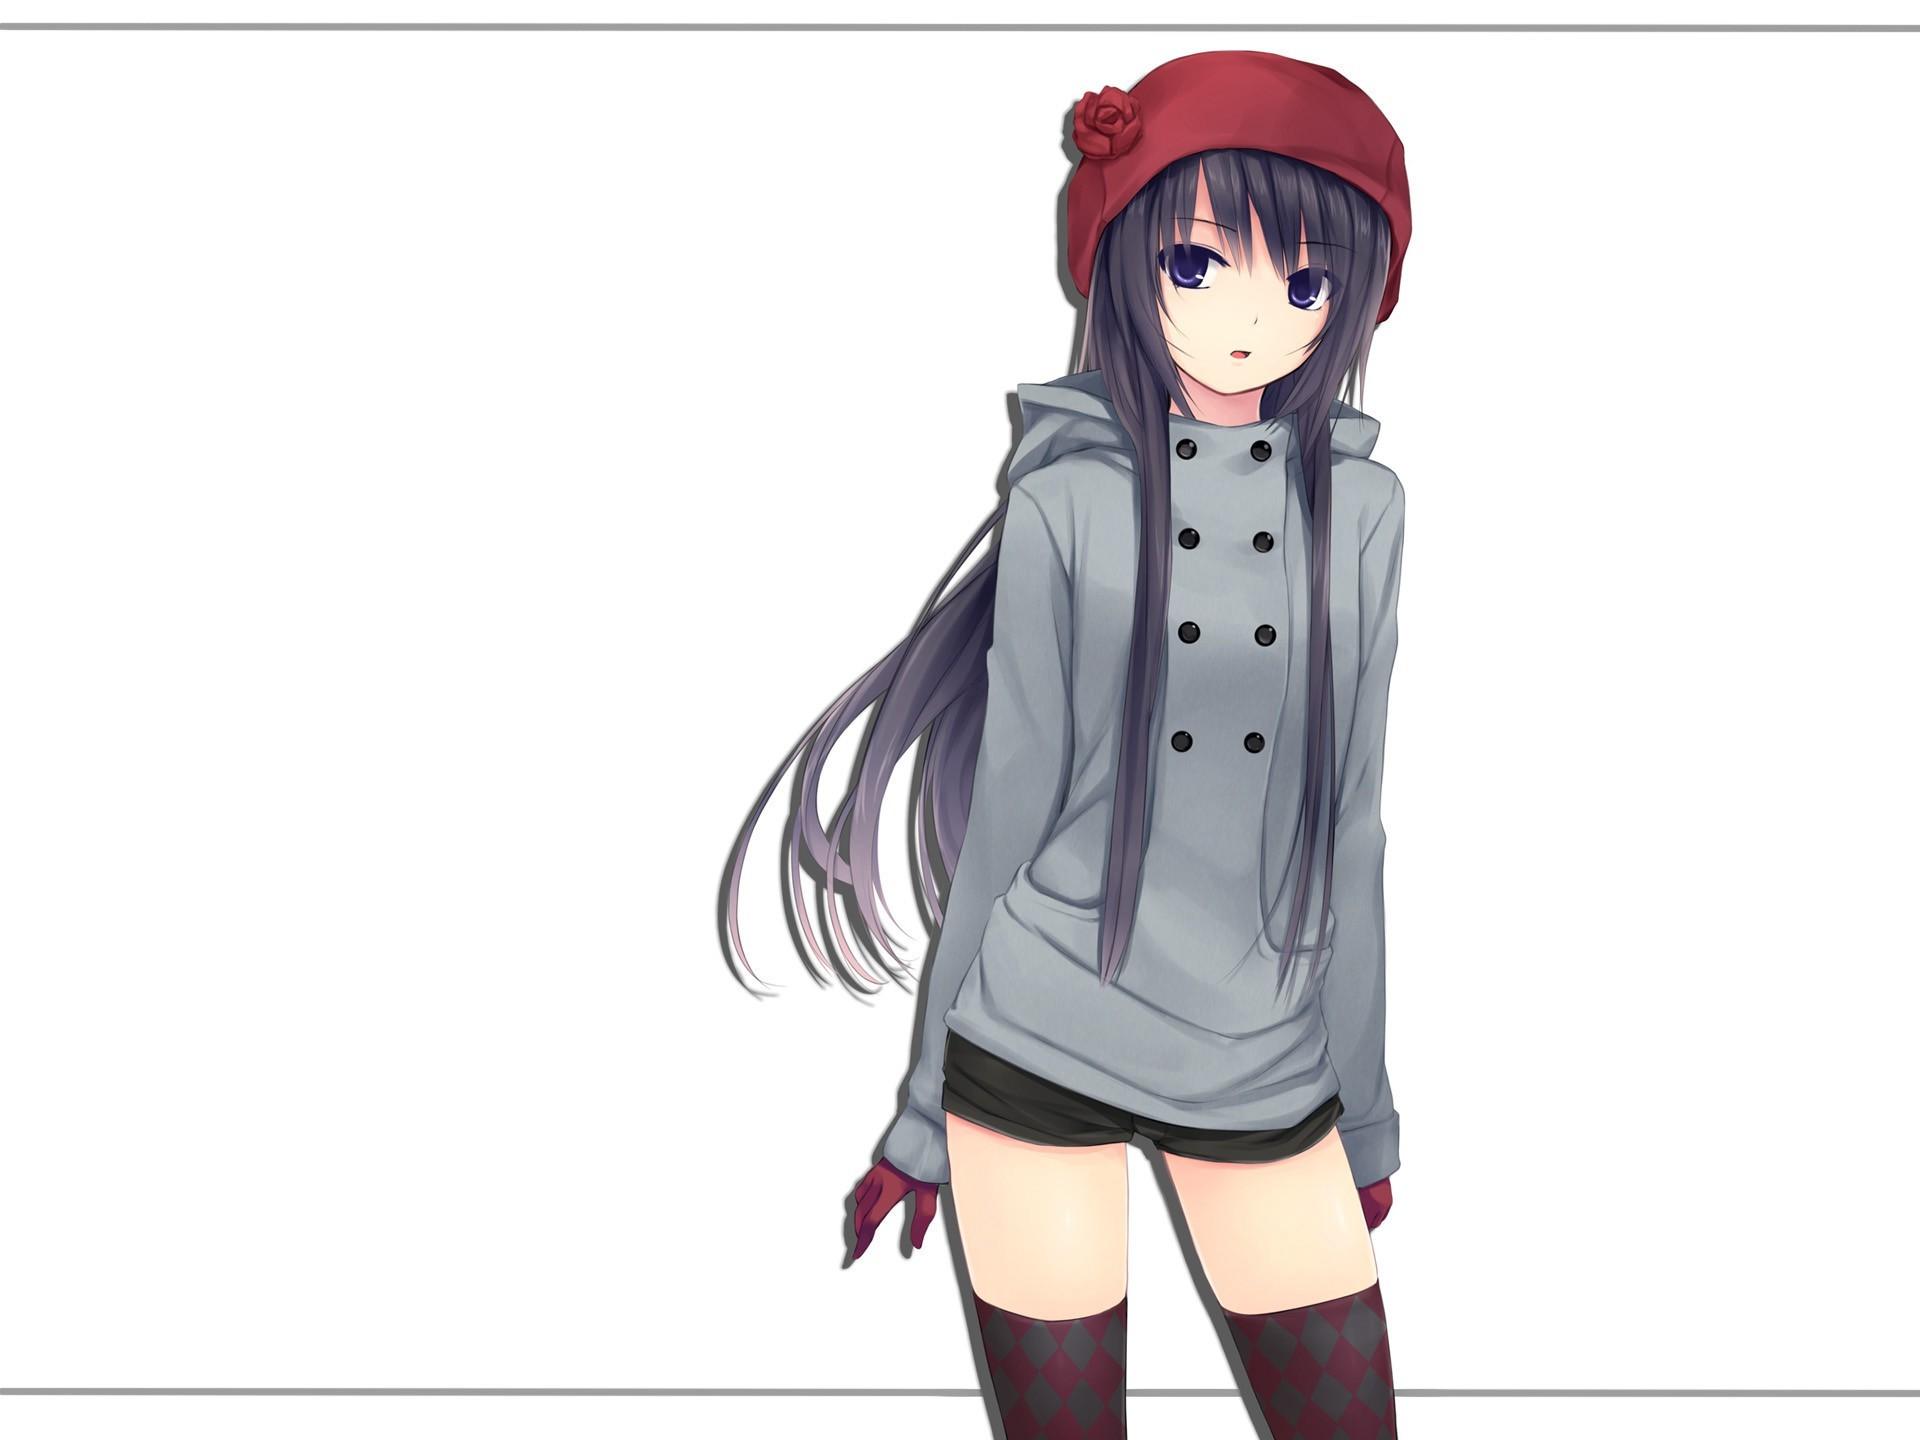 Tapety Anime Divky Kreslena Pohadka Obleceni 1920x1440 Px